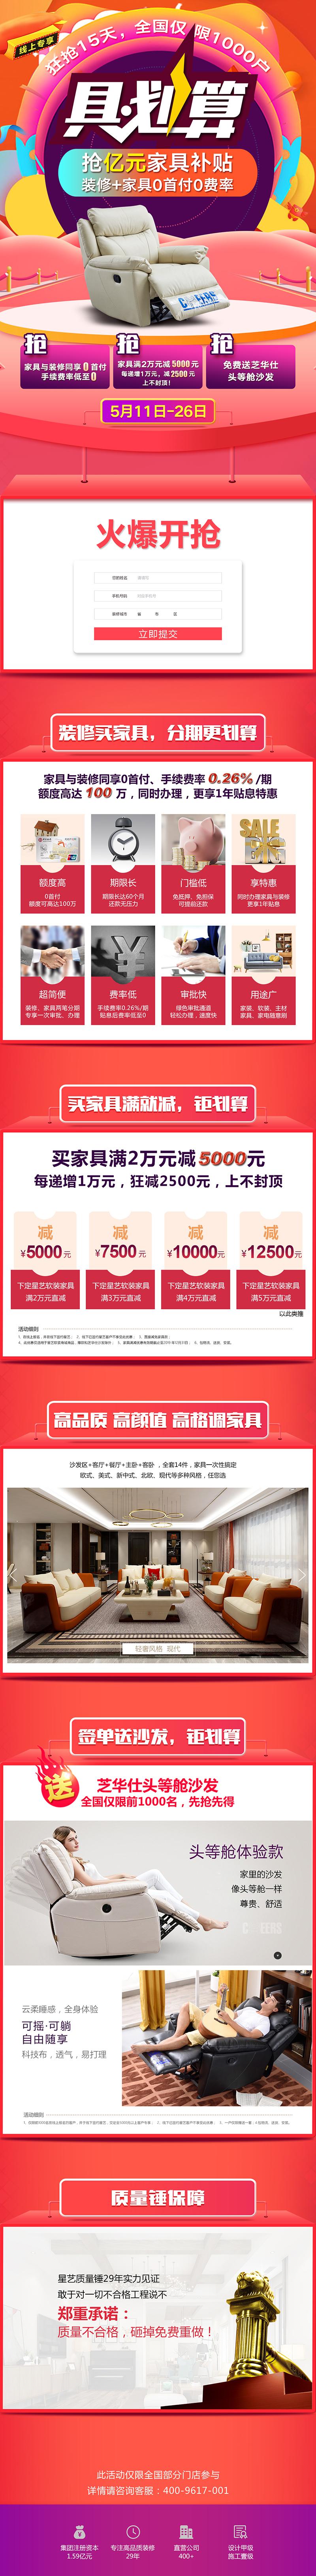 http://xystcdn.xydec.com.cn/uploadfiles/image/20190506/04d1a6aa41a7dfc3f05a5d6e62d9262f.jpg